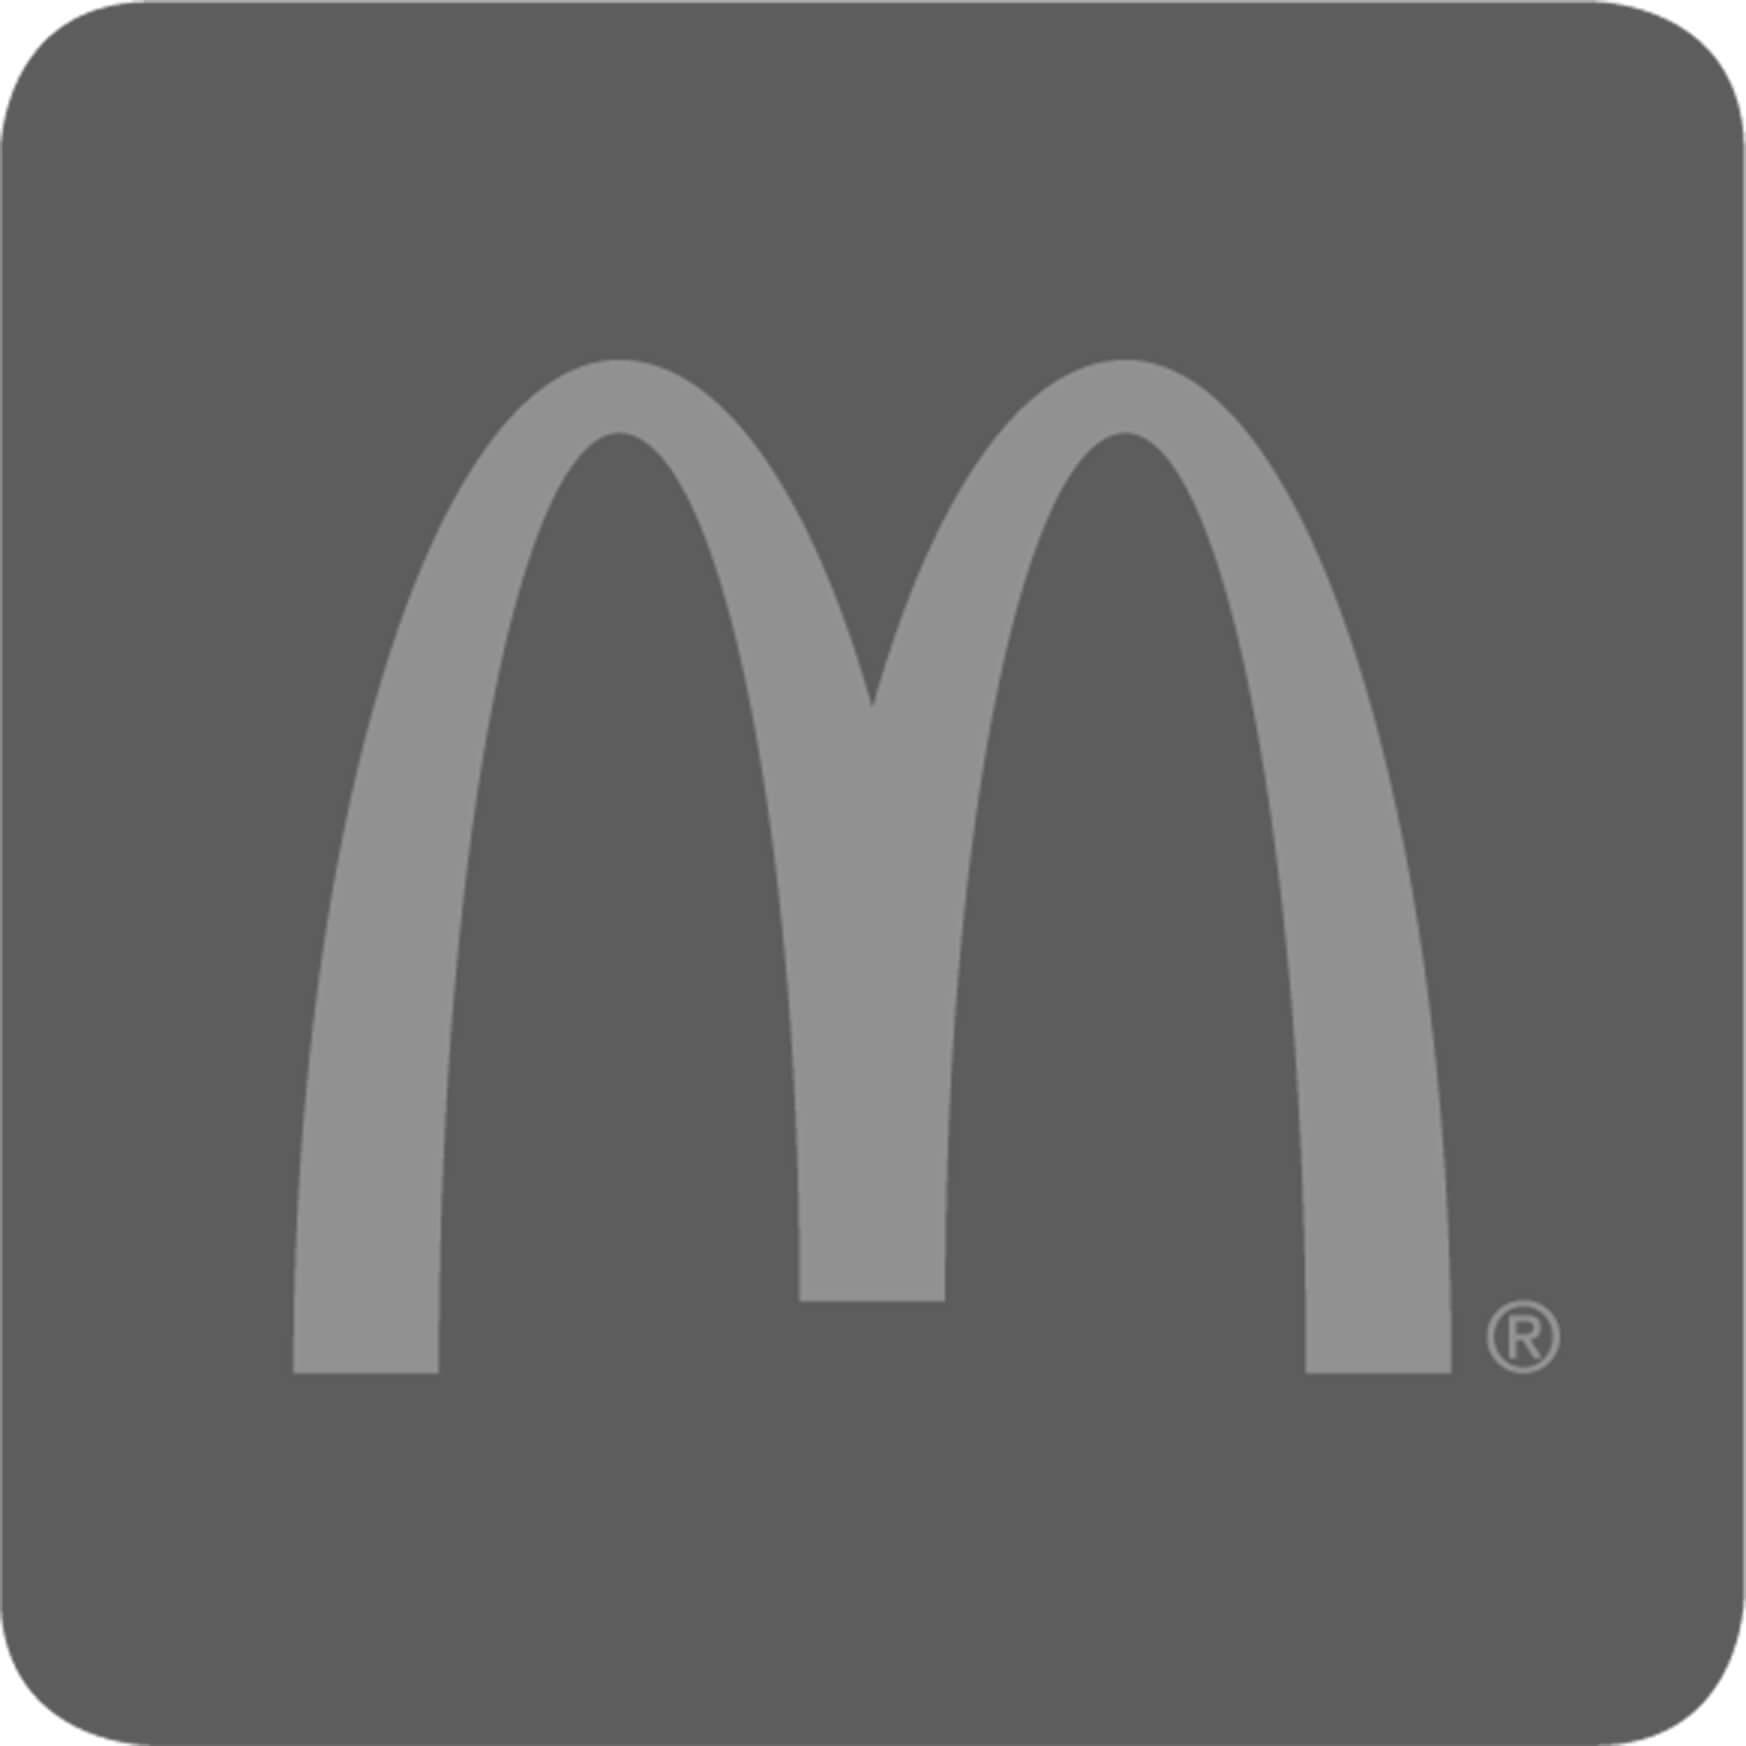 About Us – Mcdonalds